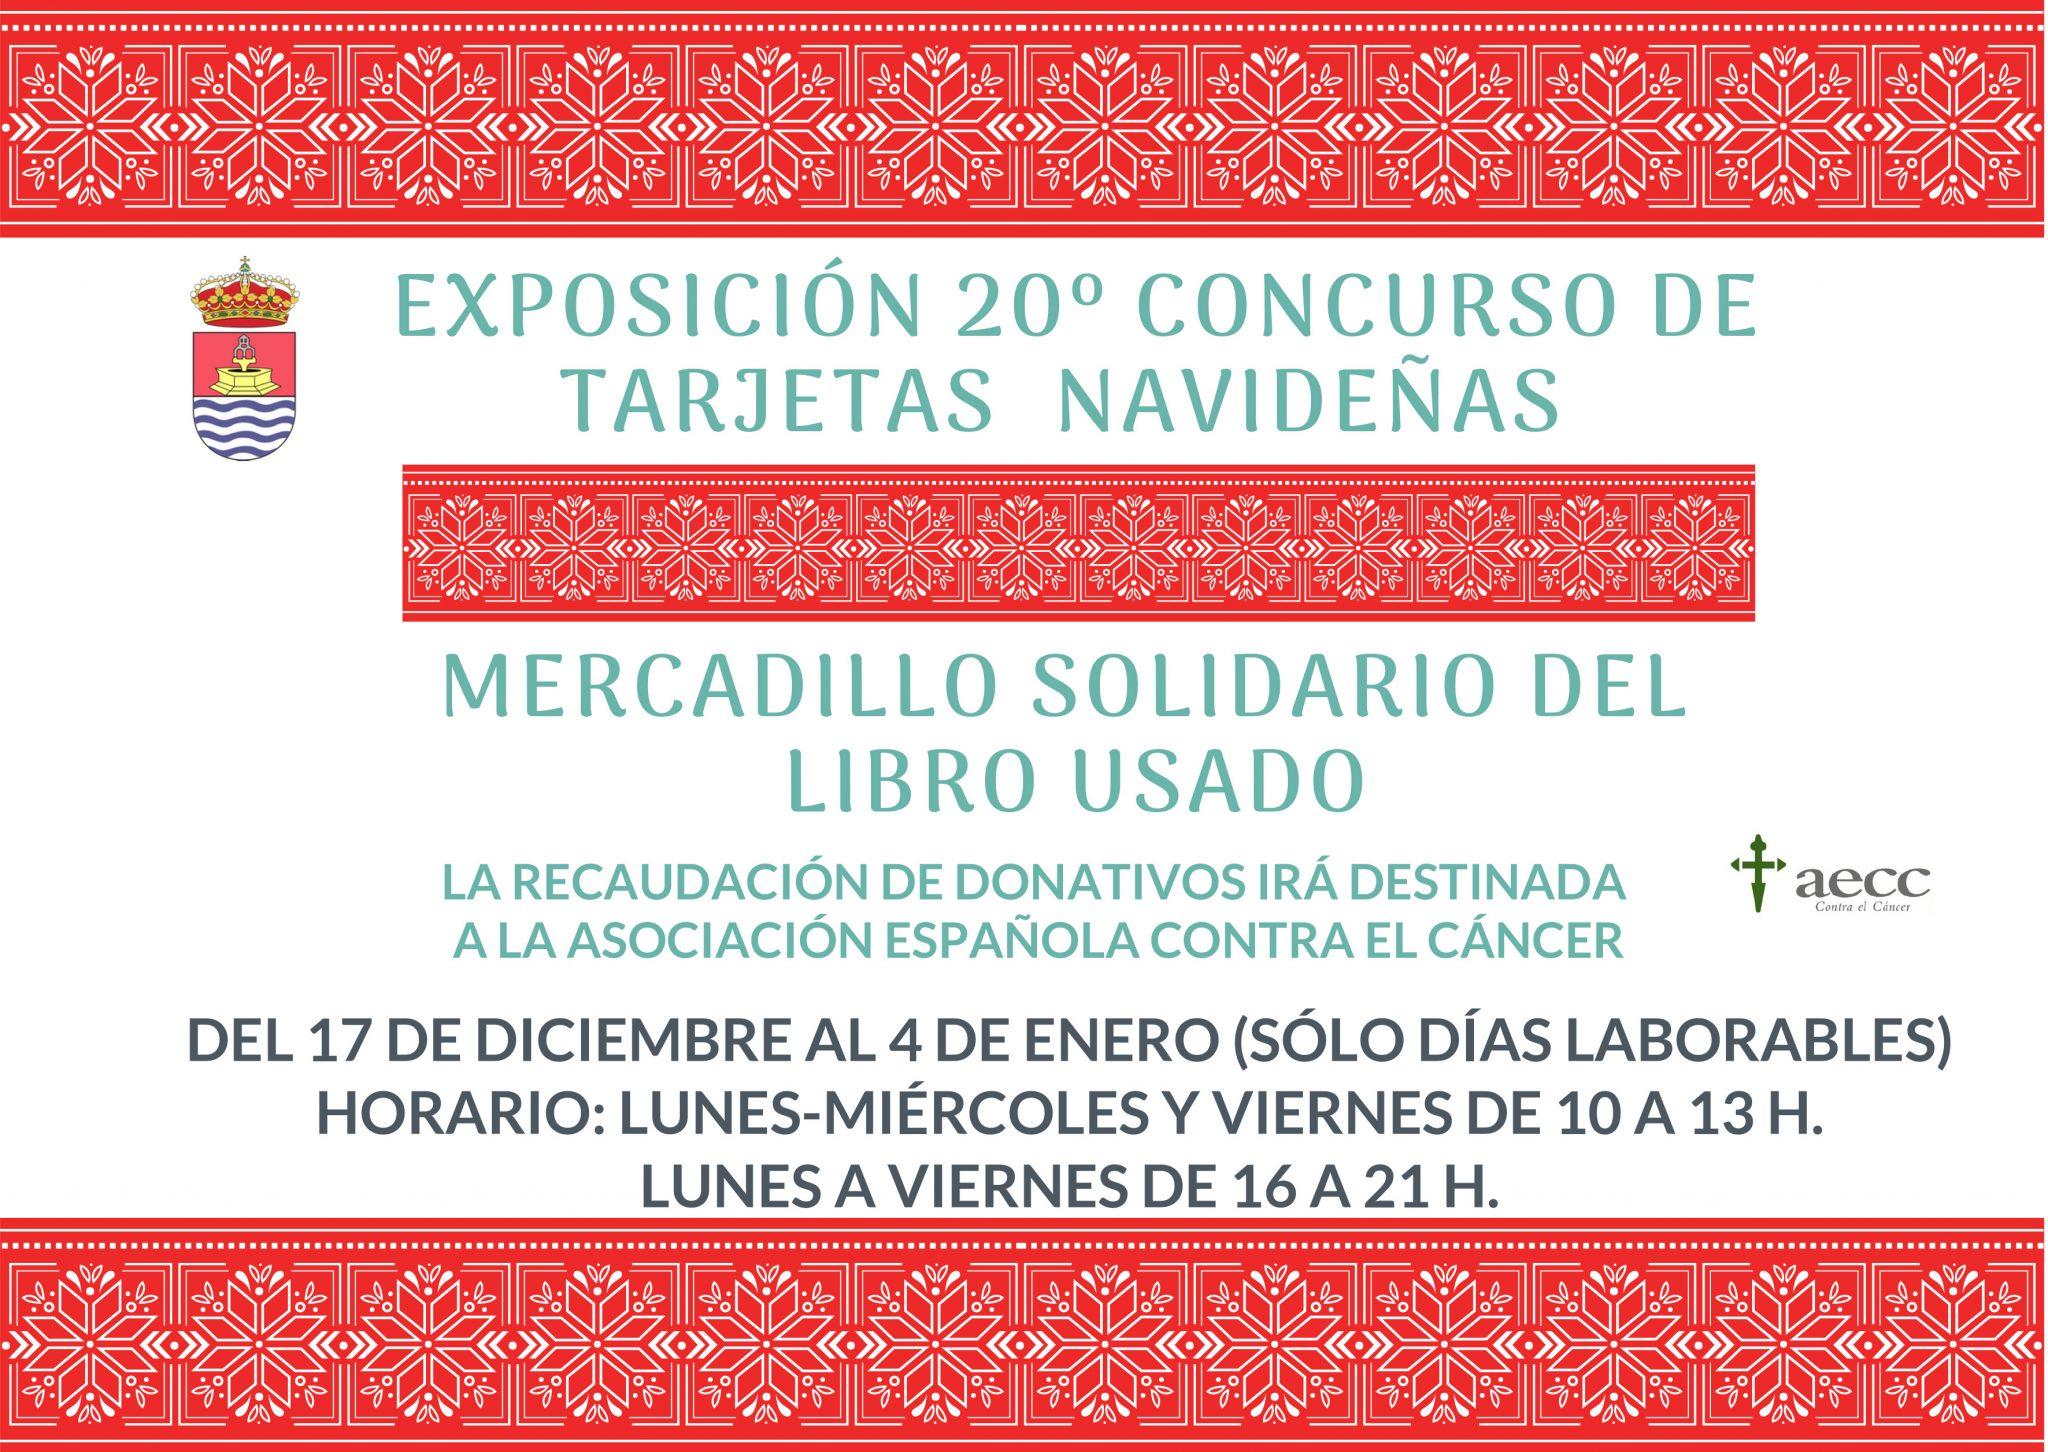 Exposición del 20º Concurso de Tarjetas Navideñas y Mercadillo Solidario del Libro Usado